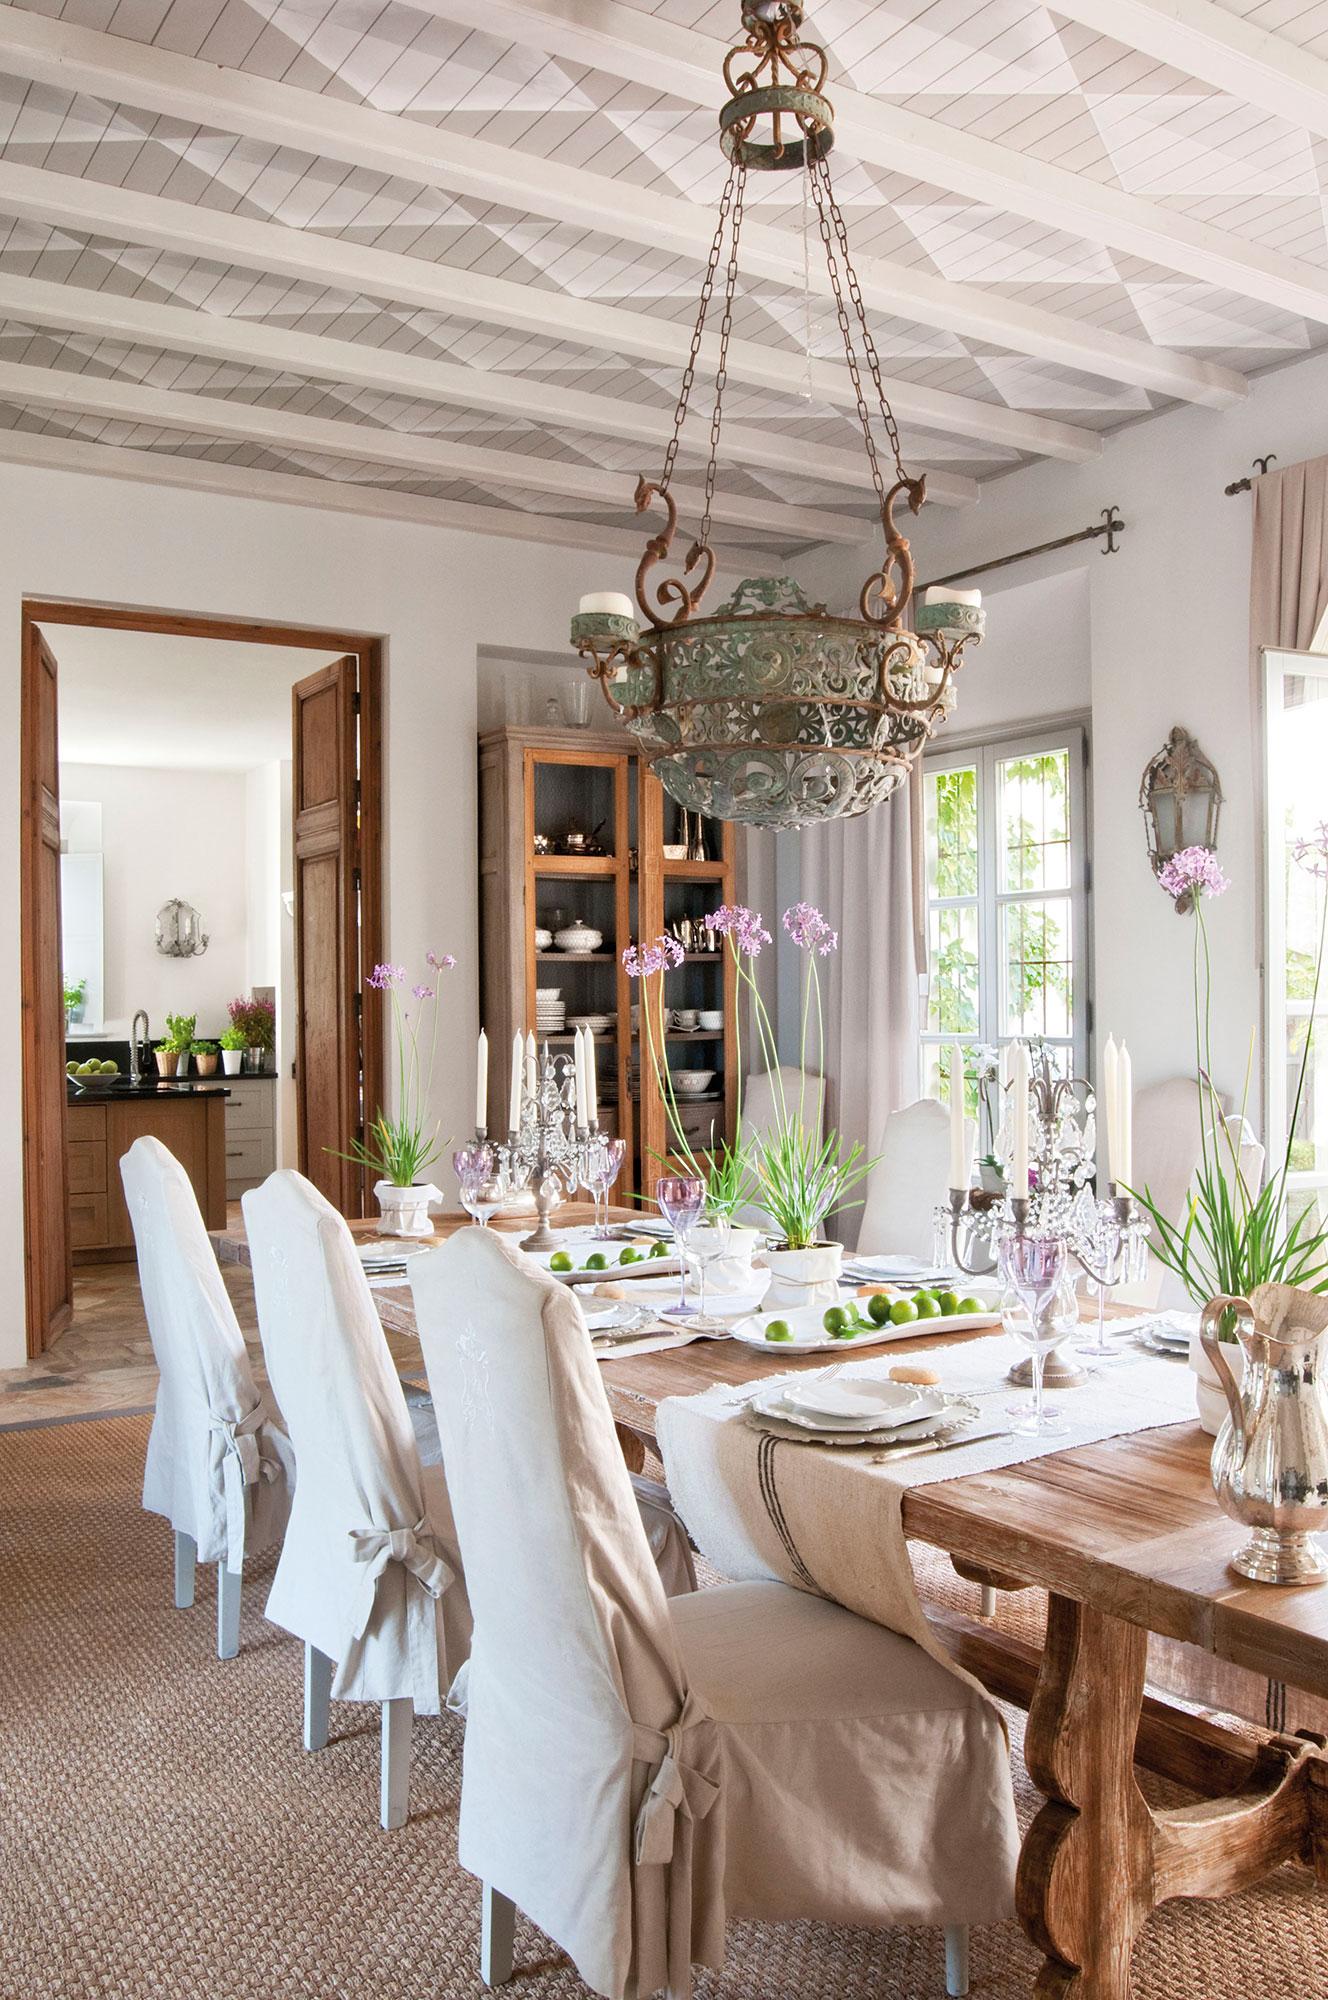 Vigas decorativas c mo integrarlas en la decoraci n - Como colocar pladur en techo ...